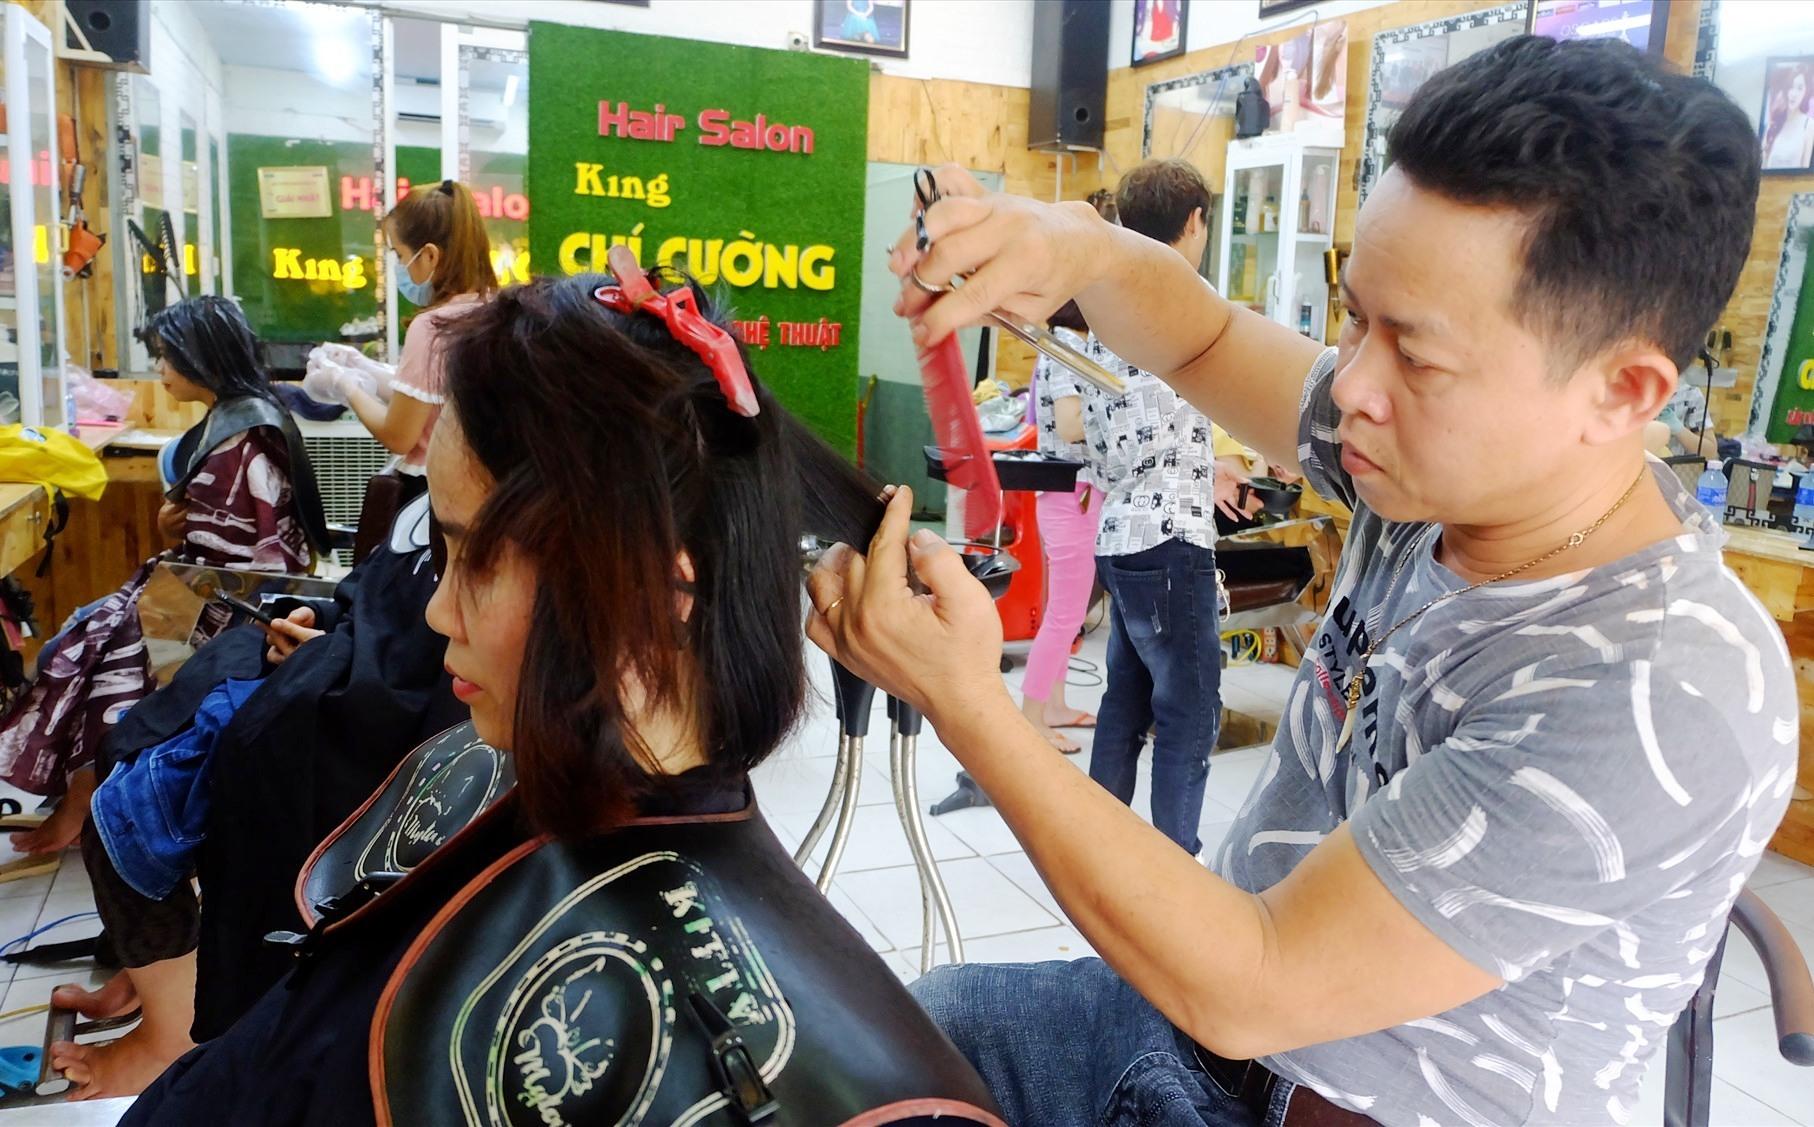 Anh Ung Nho Cường đang tạo mẫu tóc cho khách hàng. Ảnh: A.B